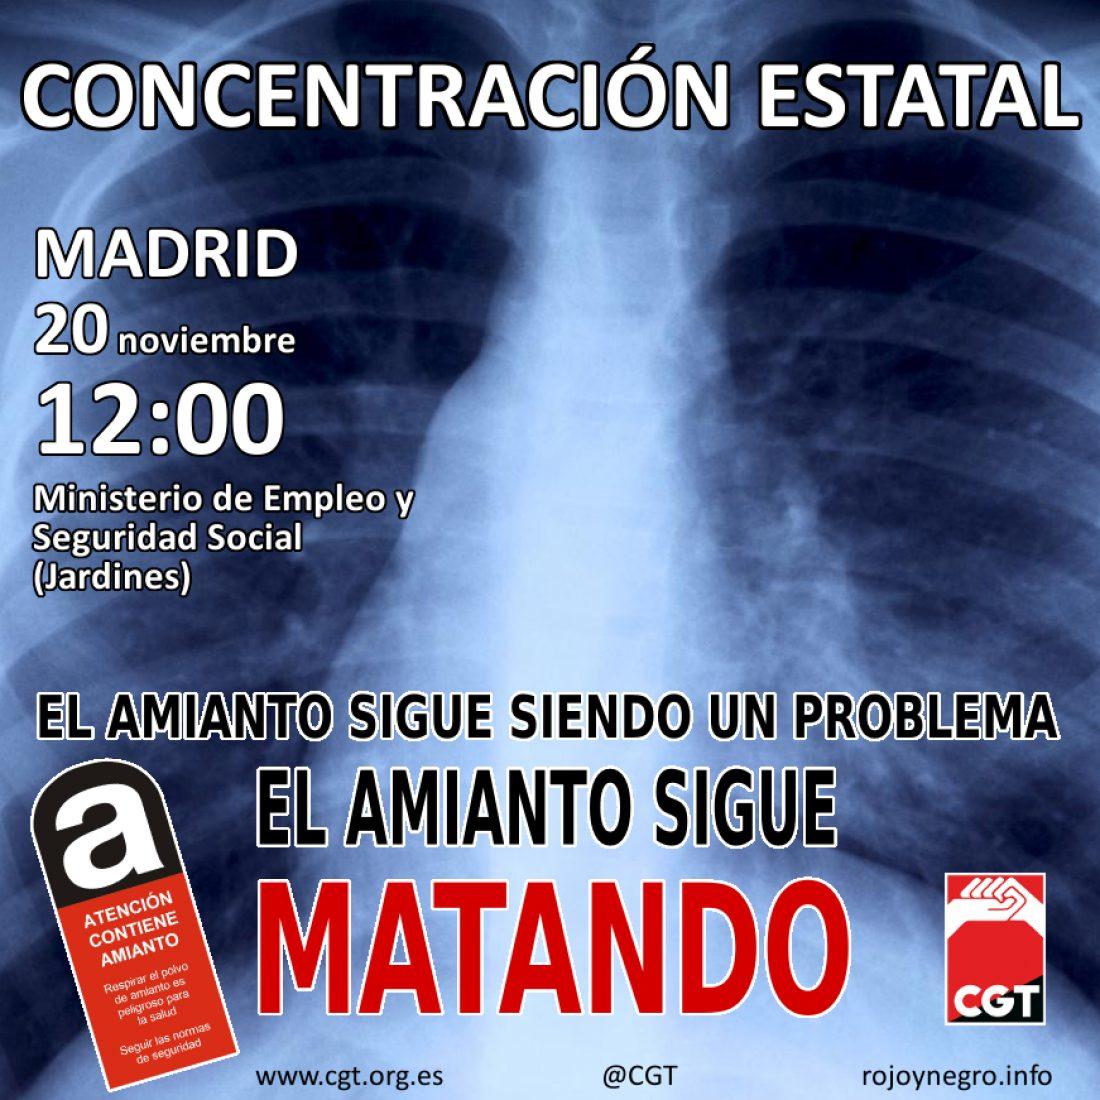 Concentración Estatal en Madrid, 20 nov. 12:00 h. – El Amianto sigue Matando